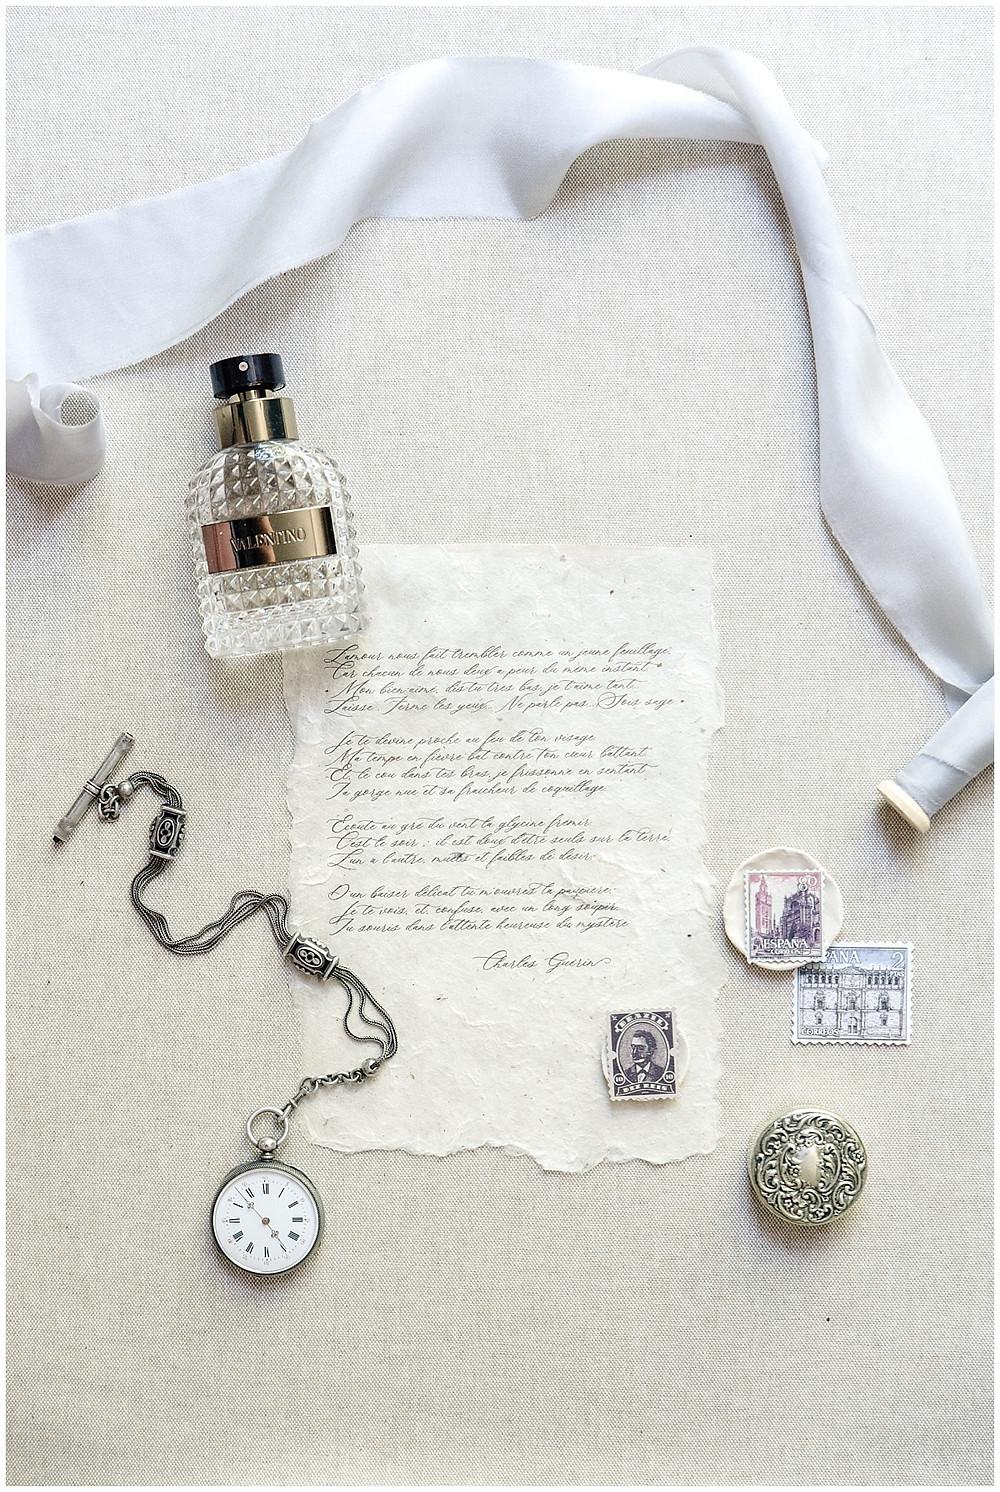 Photo des détails du marié lors du mariage au Château de Sénéguier: il s'agit d'une montre à gousset, d'un parfum, d'une lettre.